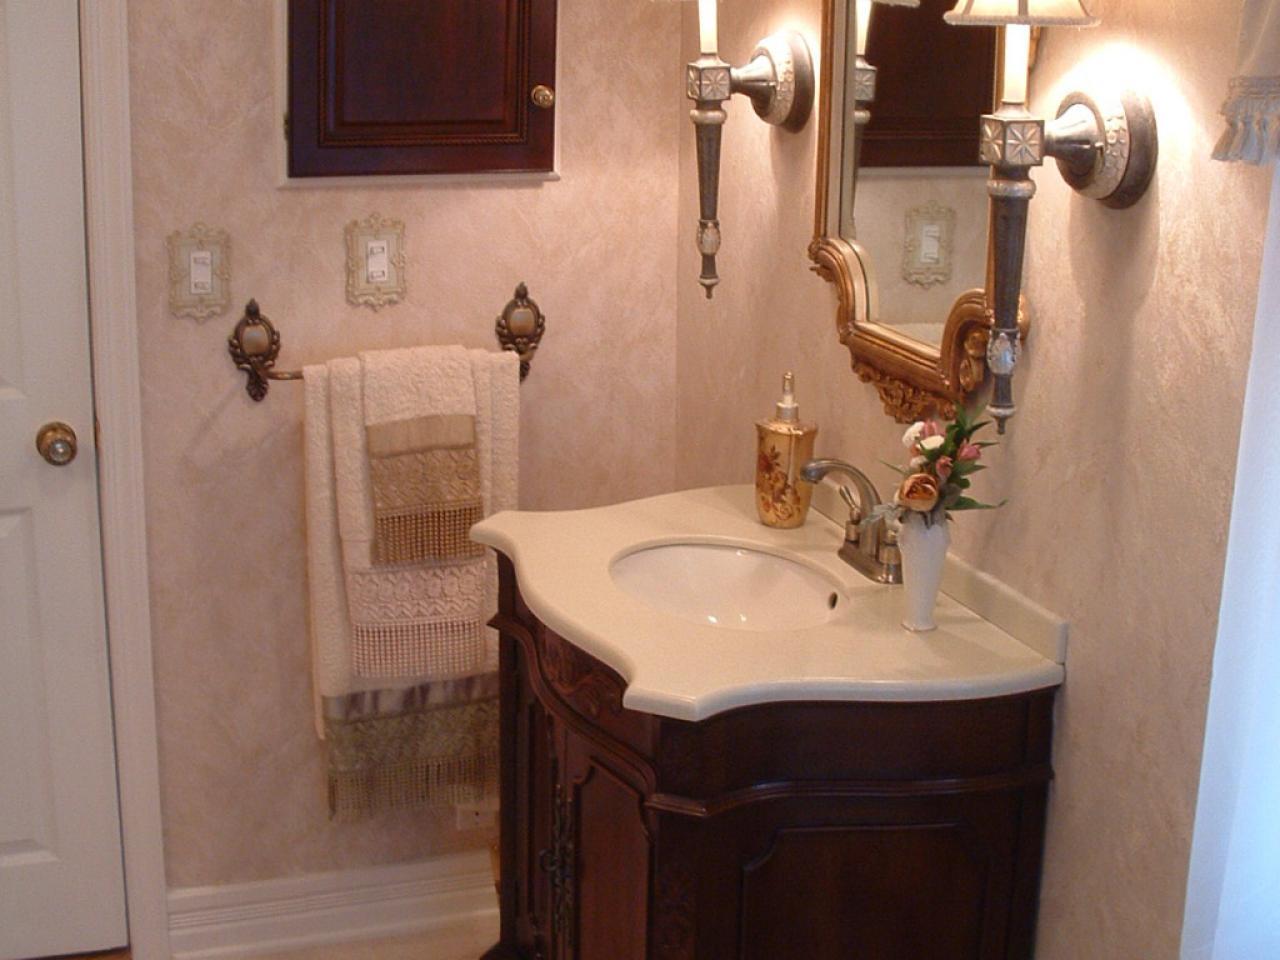 RMS_Victorian-bathroom-vanity_s4x3.jpg.rend.hgtvcom.1280.960